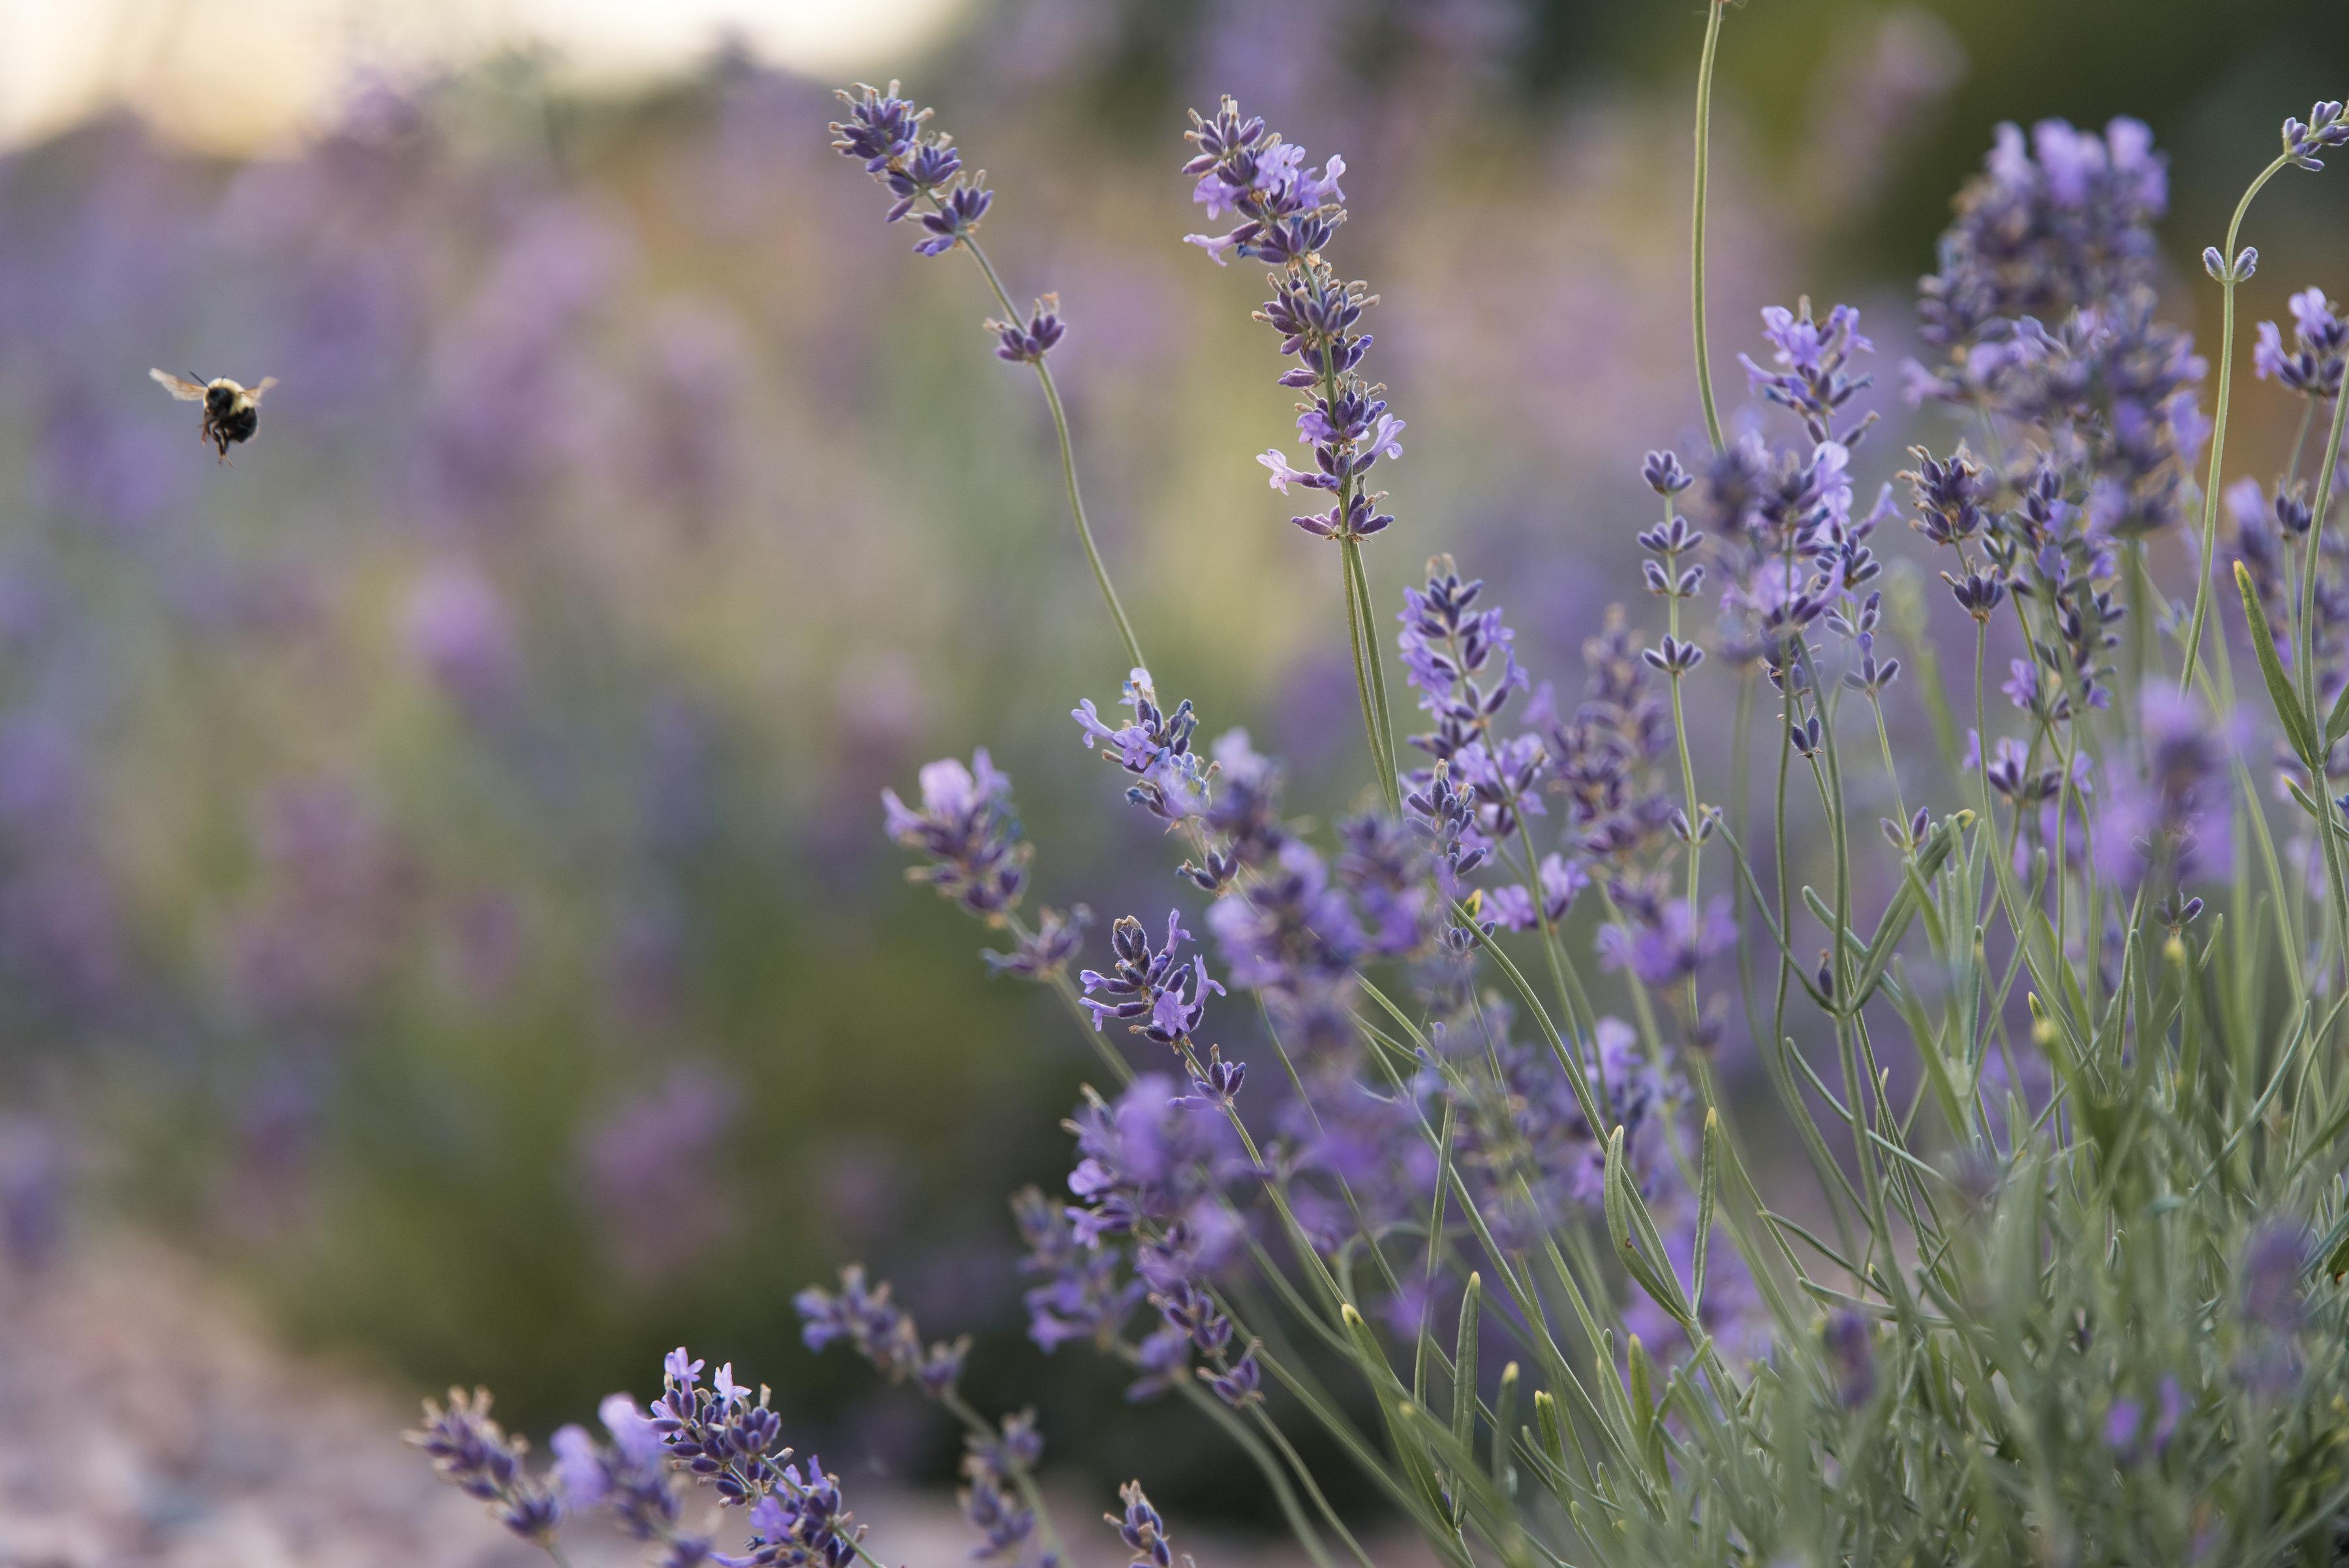 LavenderBeeFloating02